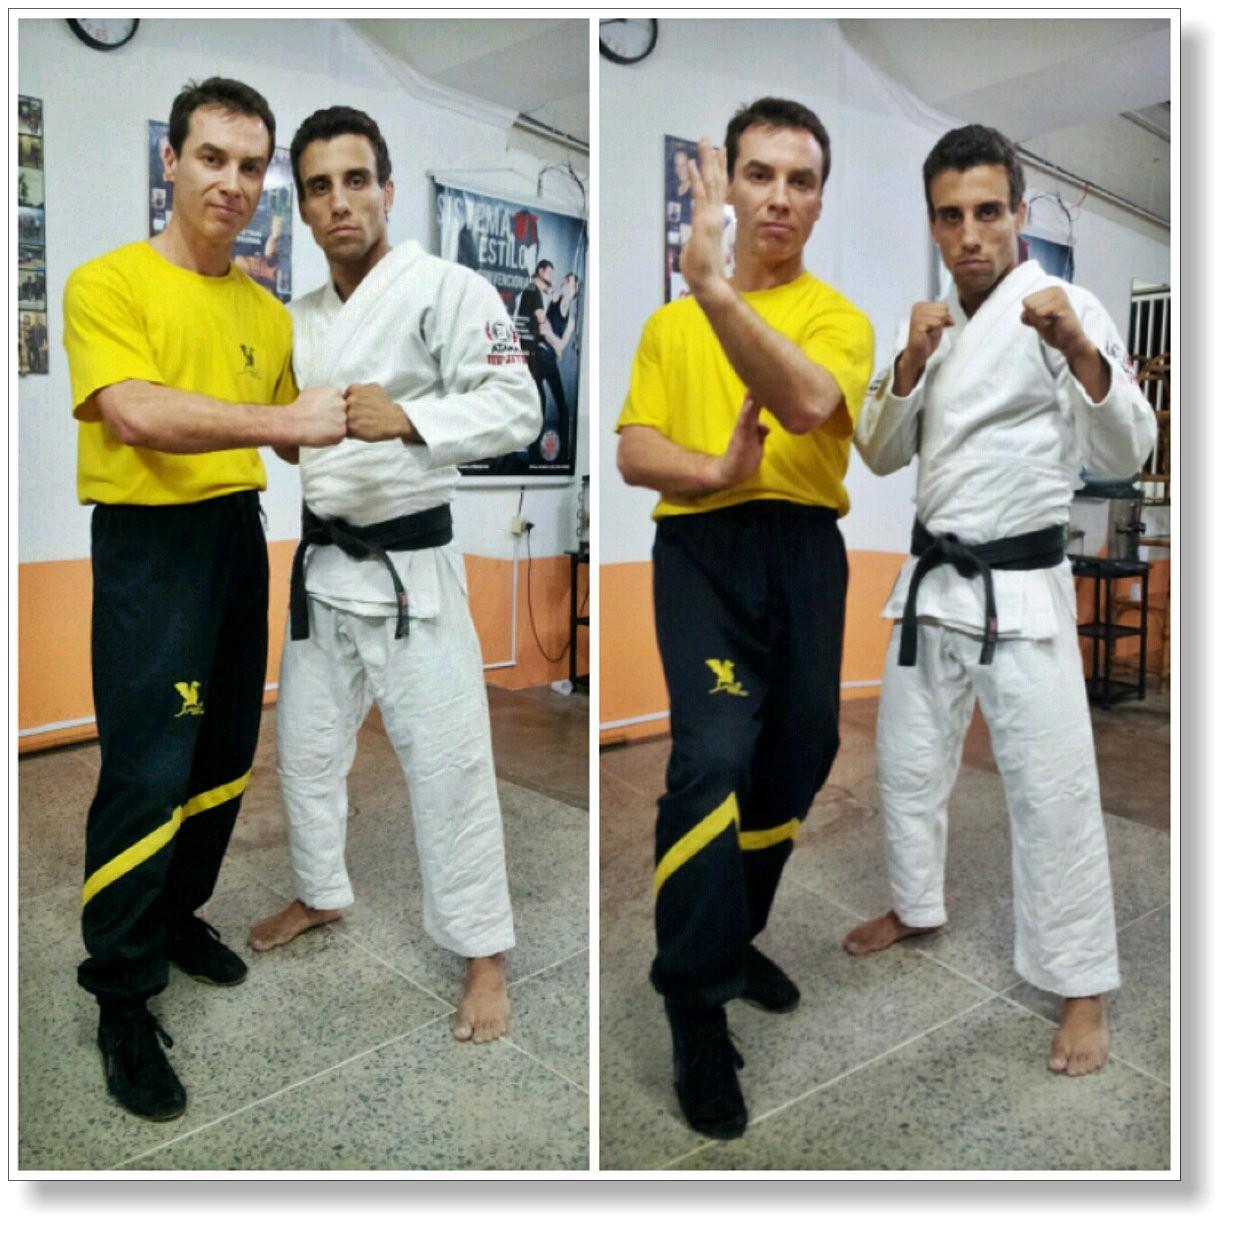 Freundschaft, Respekt und Achtung - Dai-Sifu Martin Dragos mit dem BJJ-Champion Francisco Caetano